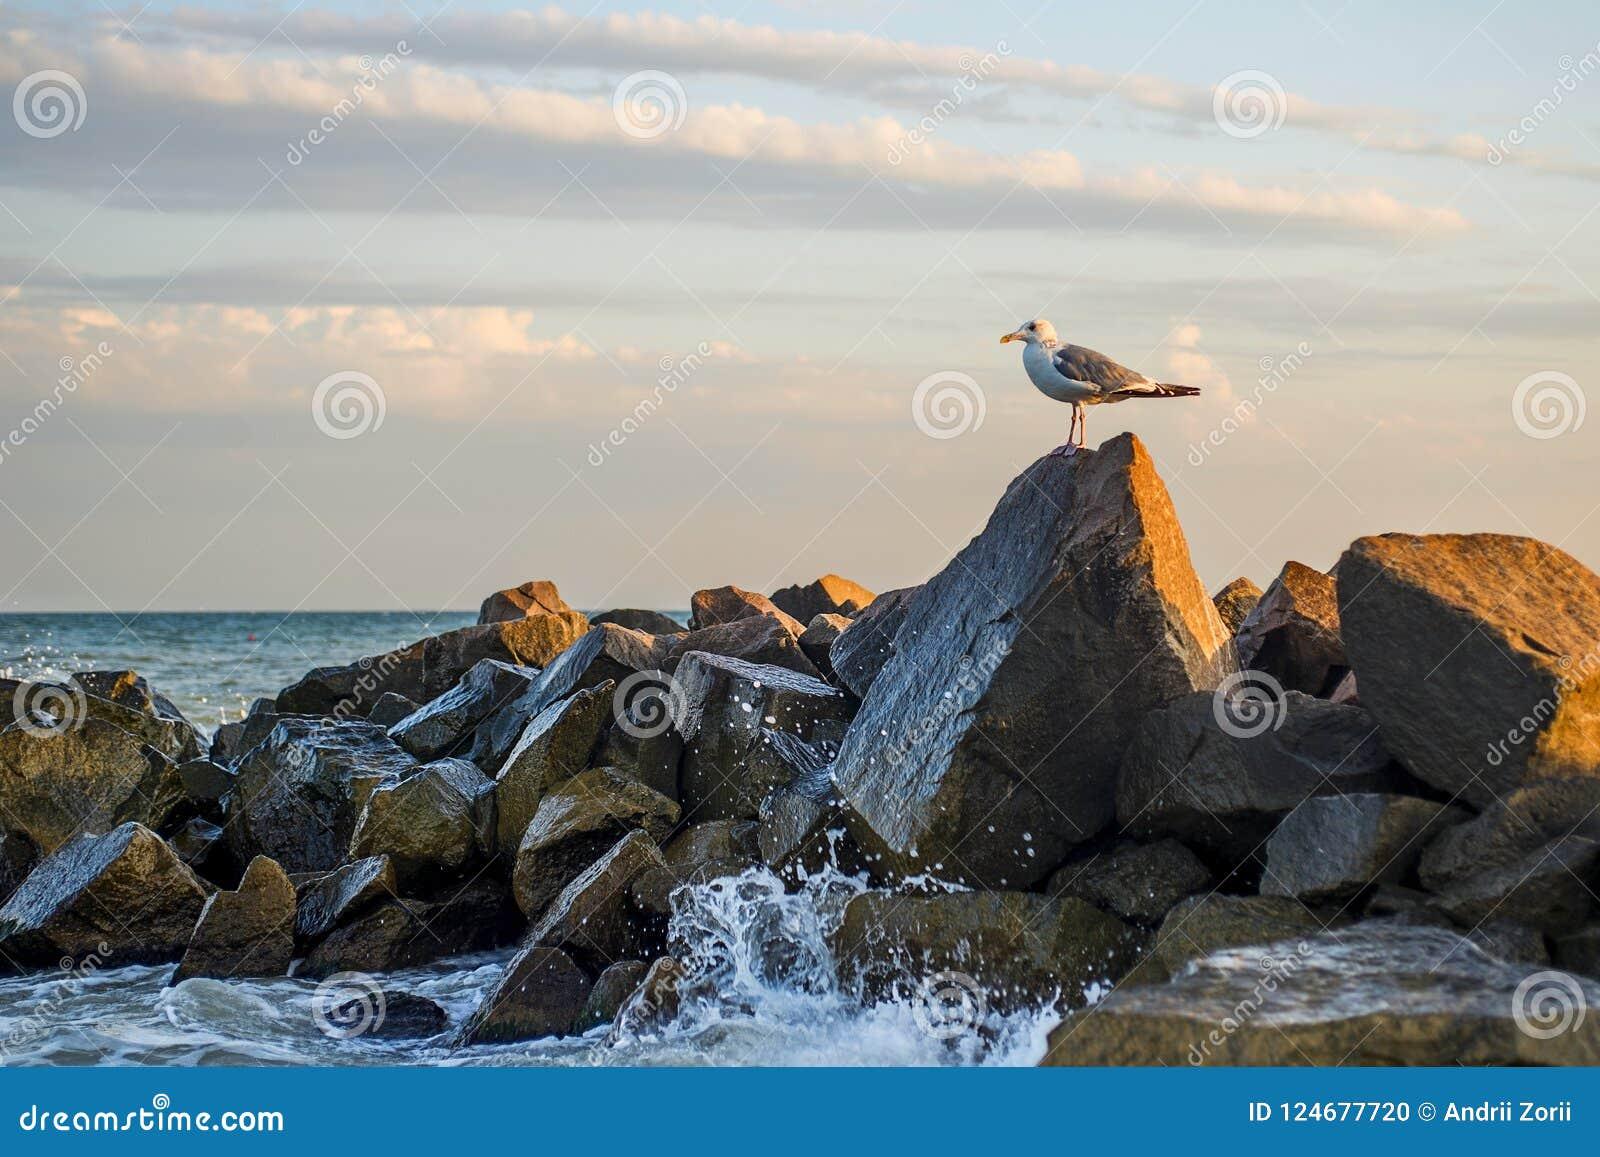 La gaviota se está colocando en una piedra en el mar